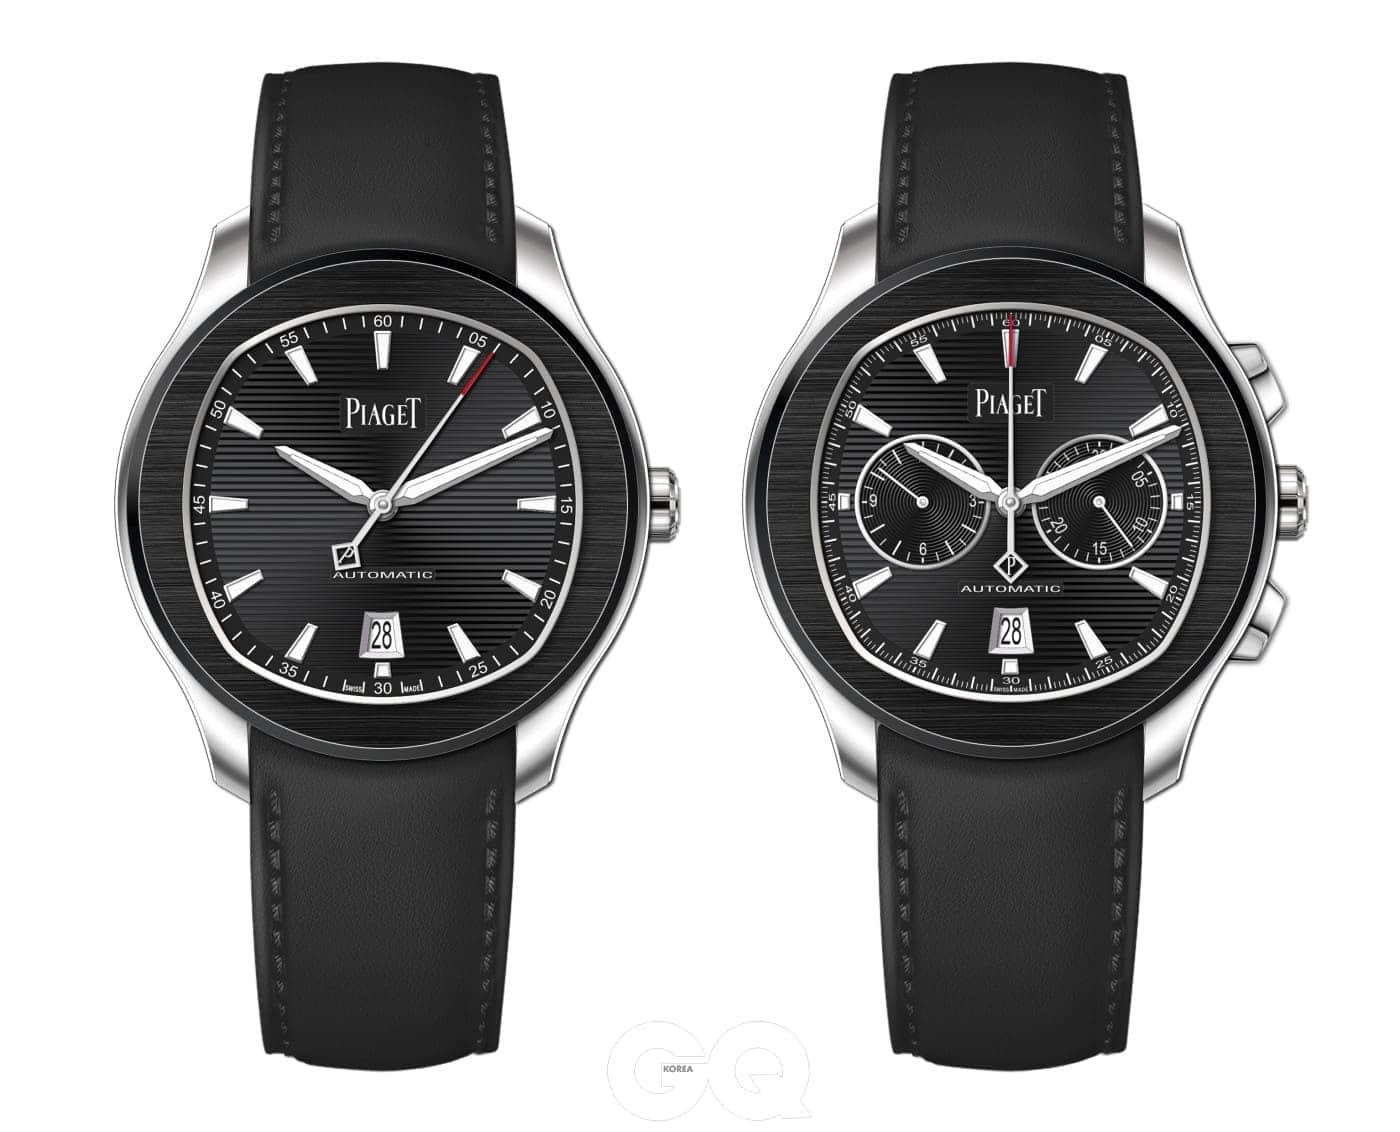 Ref. G0A42002(왼쪽)와 Ref. G0A42001(오른쪽)는 폴로 S 컬렉션 최초로 블랙 송아지 가죽 스트랩을 적용했다.